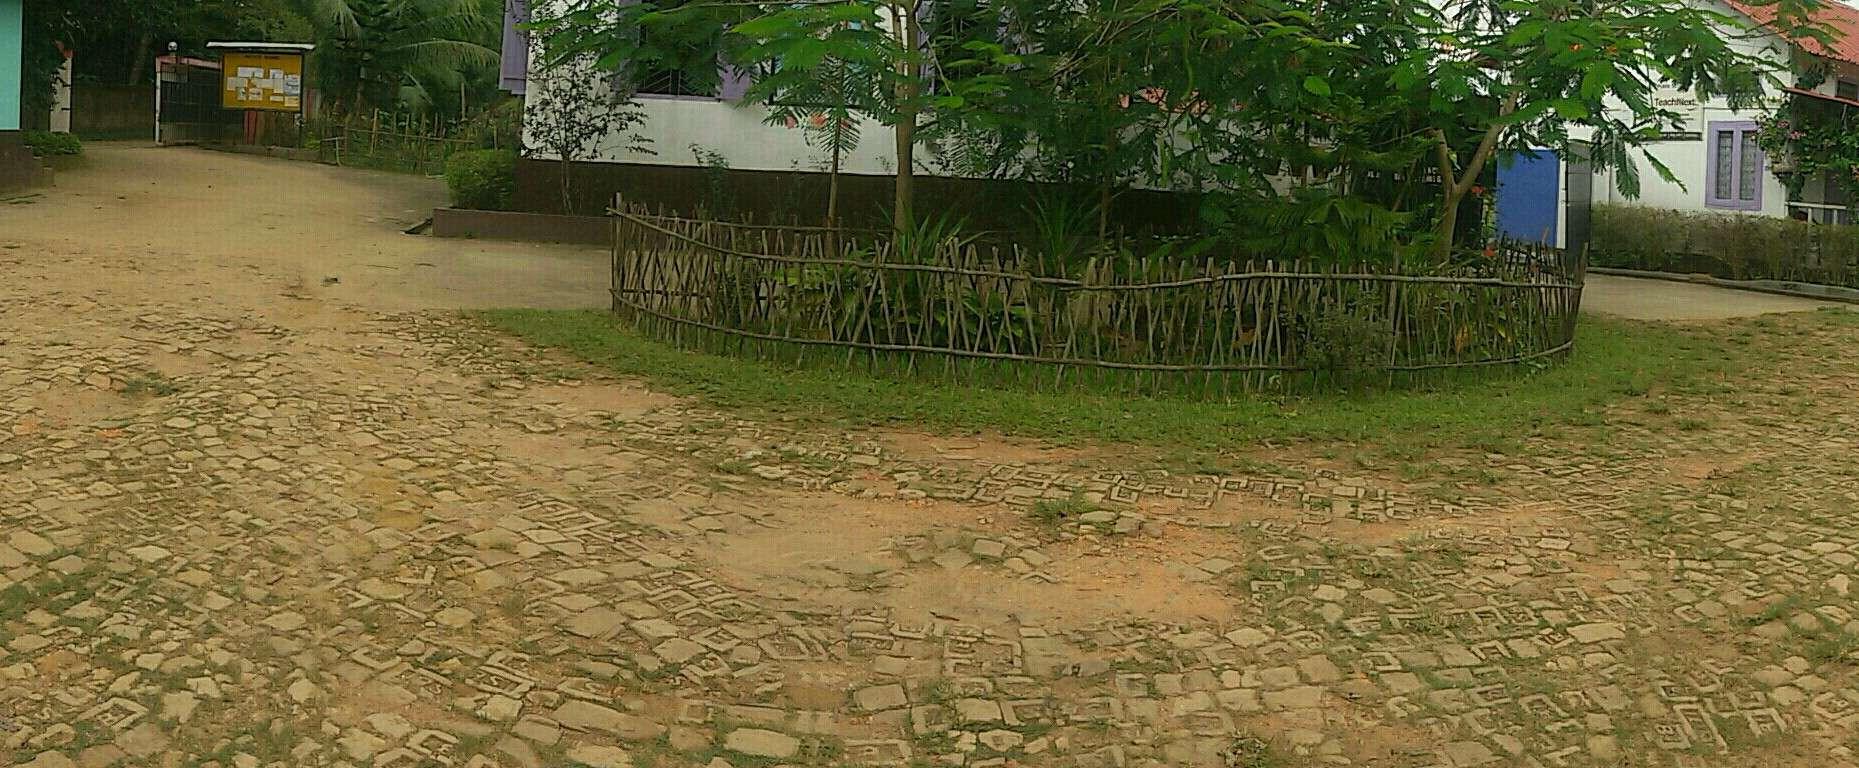 ST XAVIER S PUBLIC SCHOOL PO CHALANTAPARA BONGAIGAON ASSAM 230046